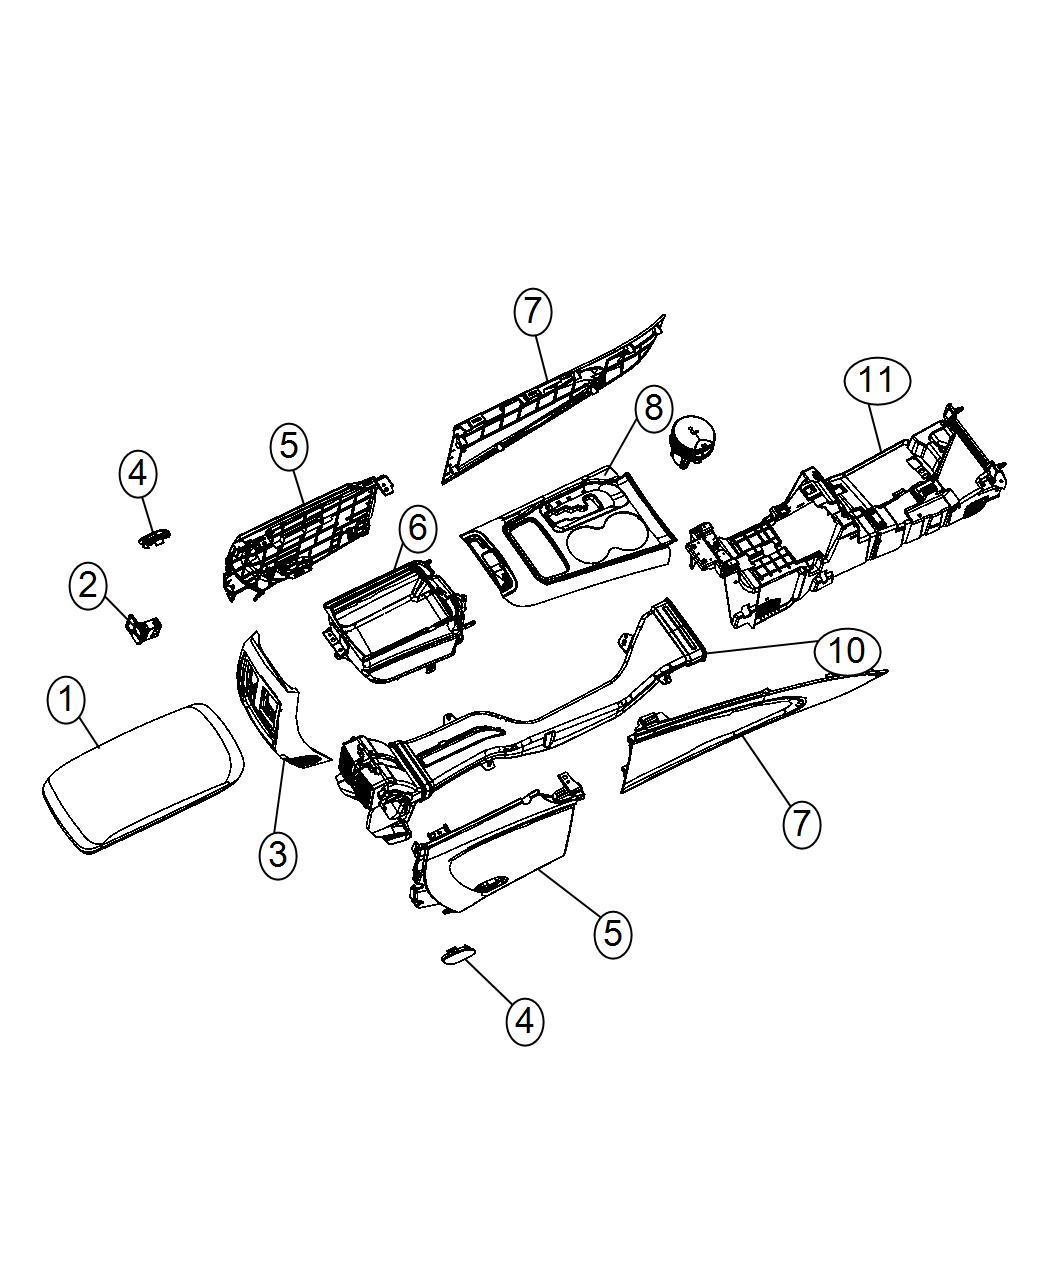 Jeep Wrangler Rubicon Fuse Box Location